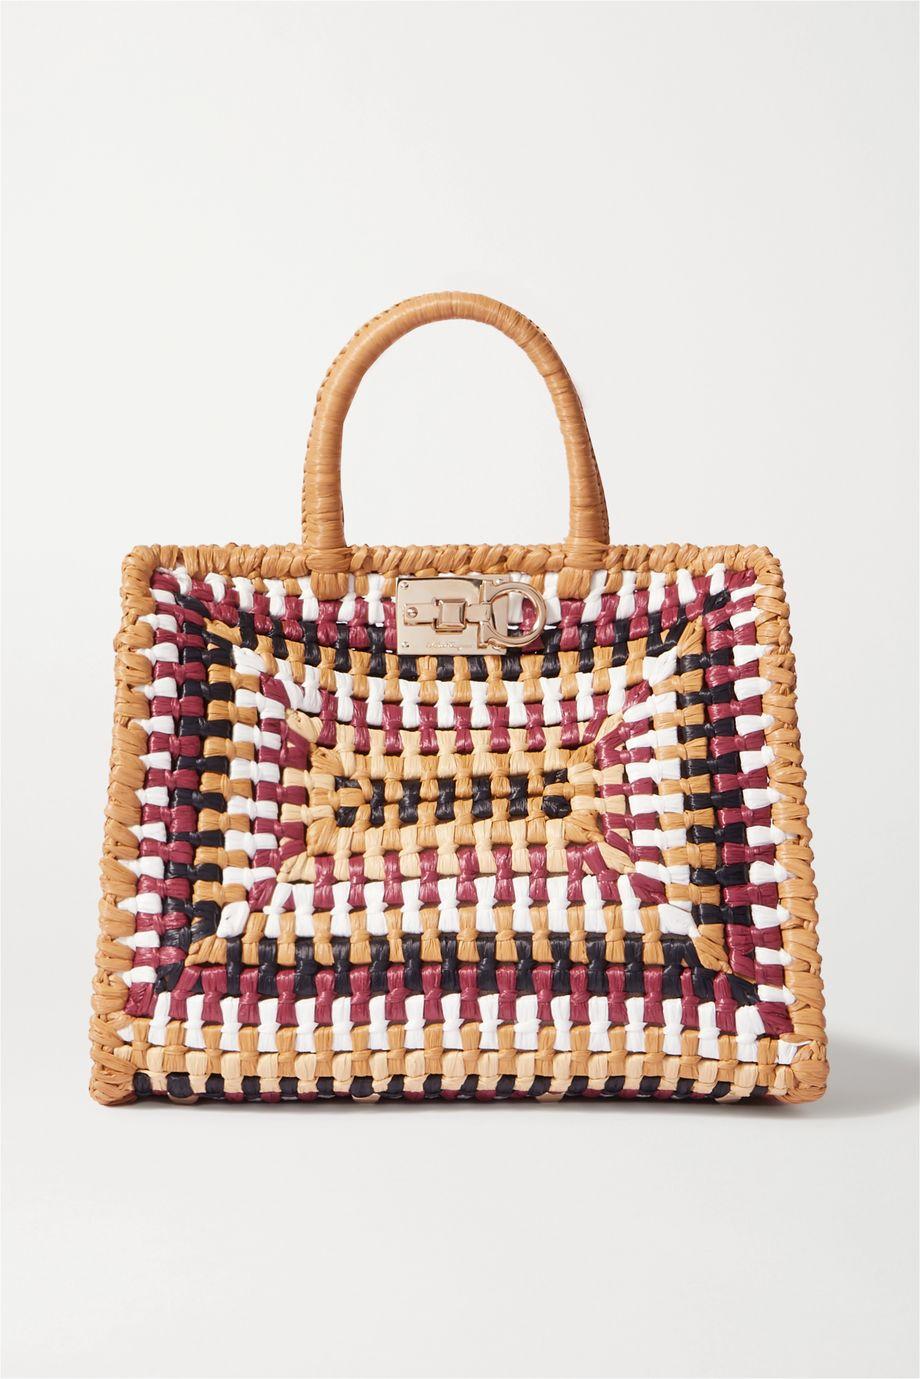 Salvatore Ferragamo The Studio Basket woven raffia tote